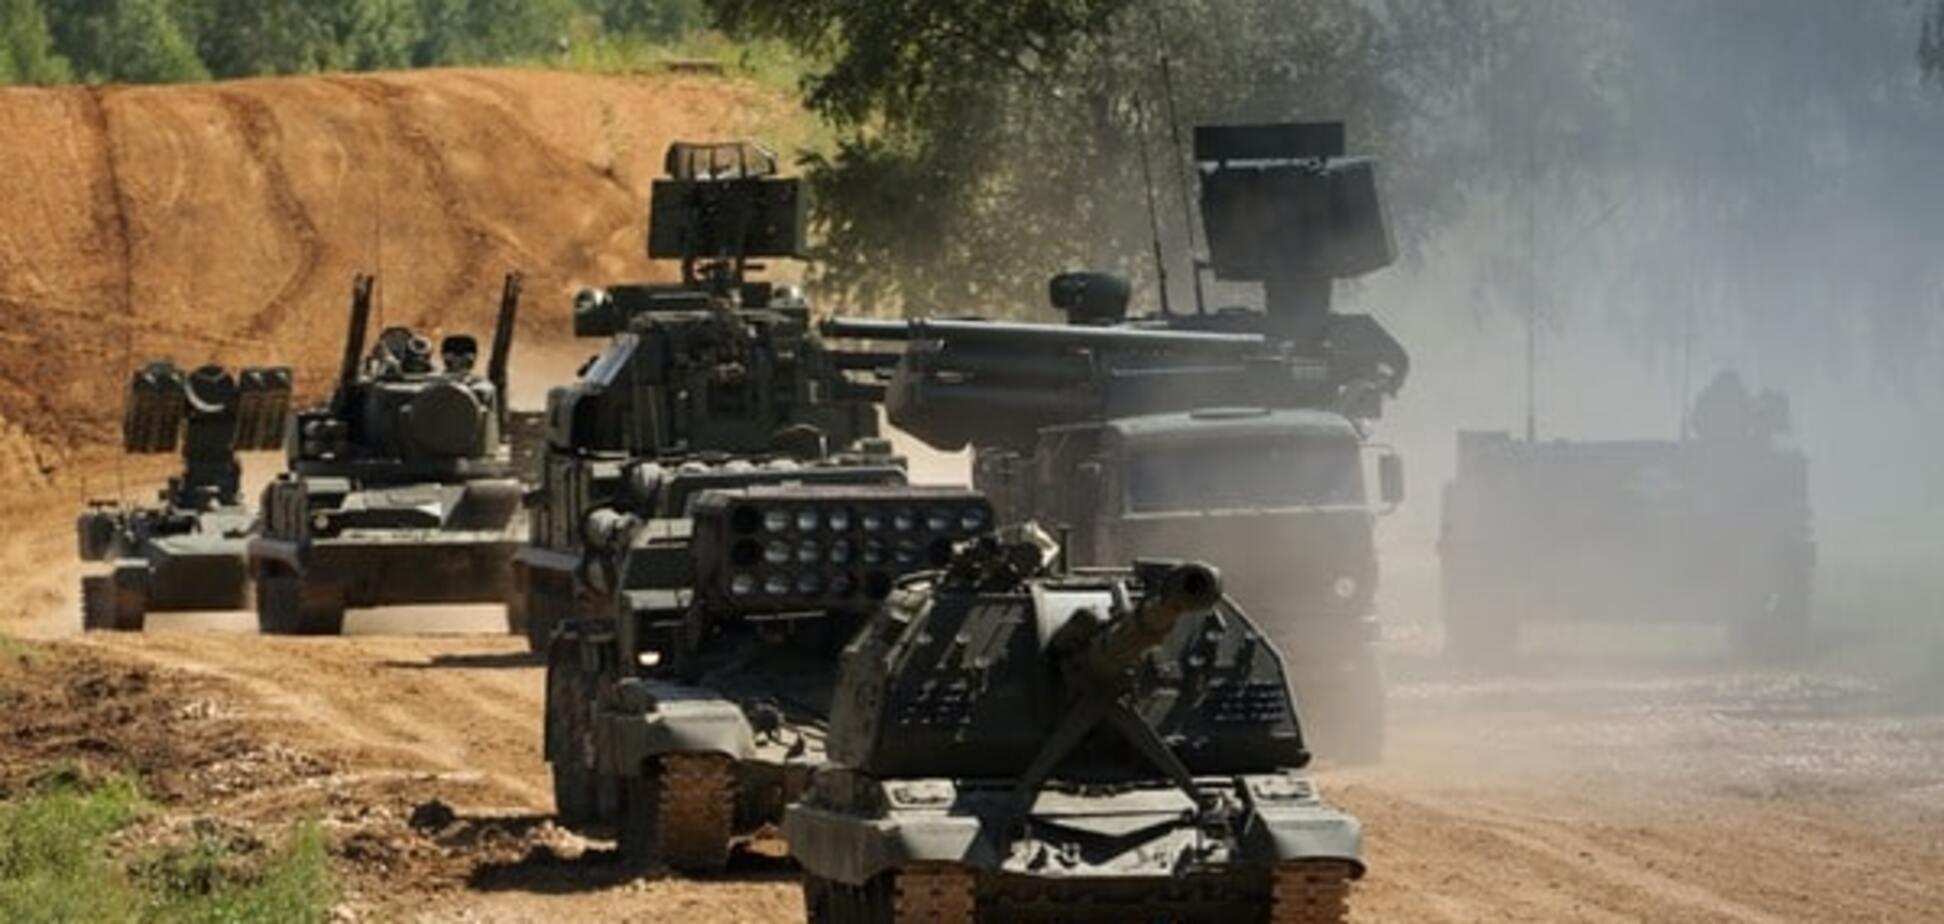 Конфликт Армении и Азербайджана: сравнение сил и интересы 'союзников' в случае большой войны